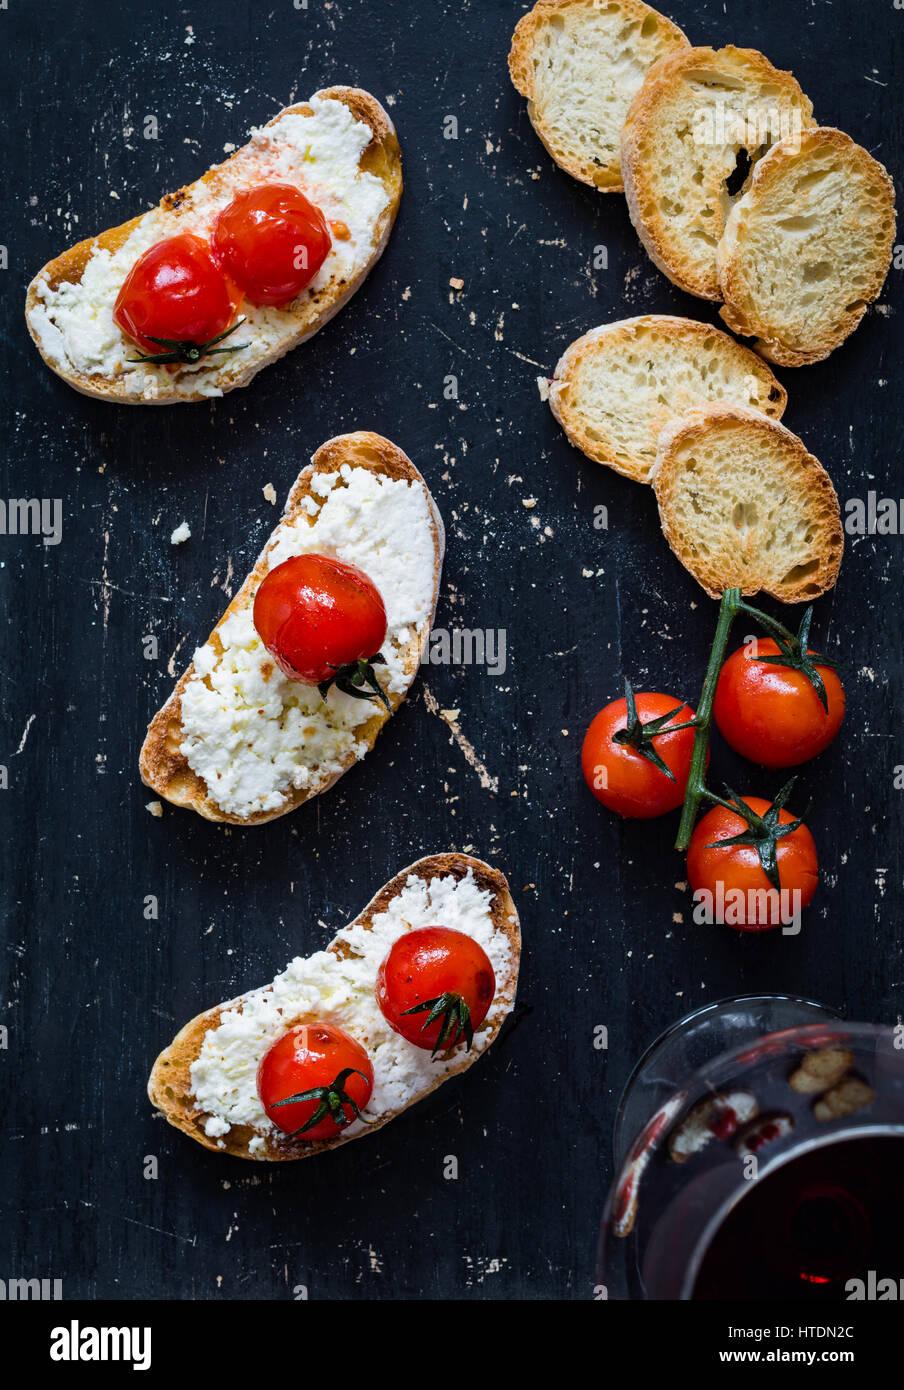 Toast mit weißen Schmelzkäse und gebratenen Kirschtomaten und Glas Rotwein bei schwarzem Hintergrund. Stockbild